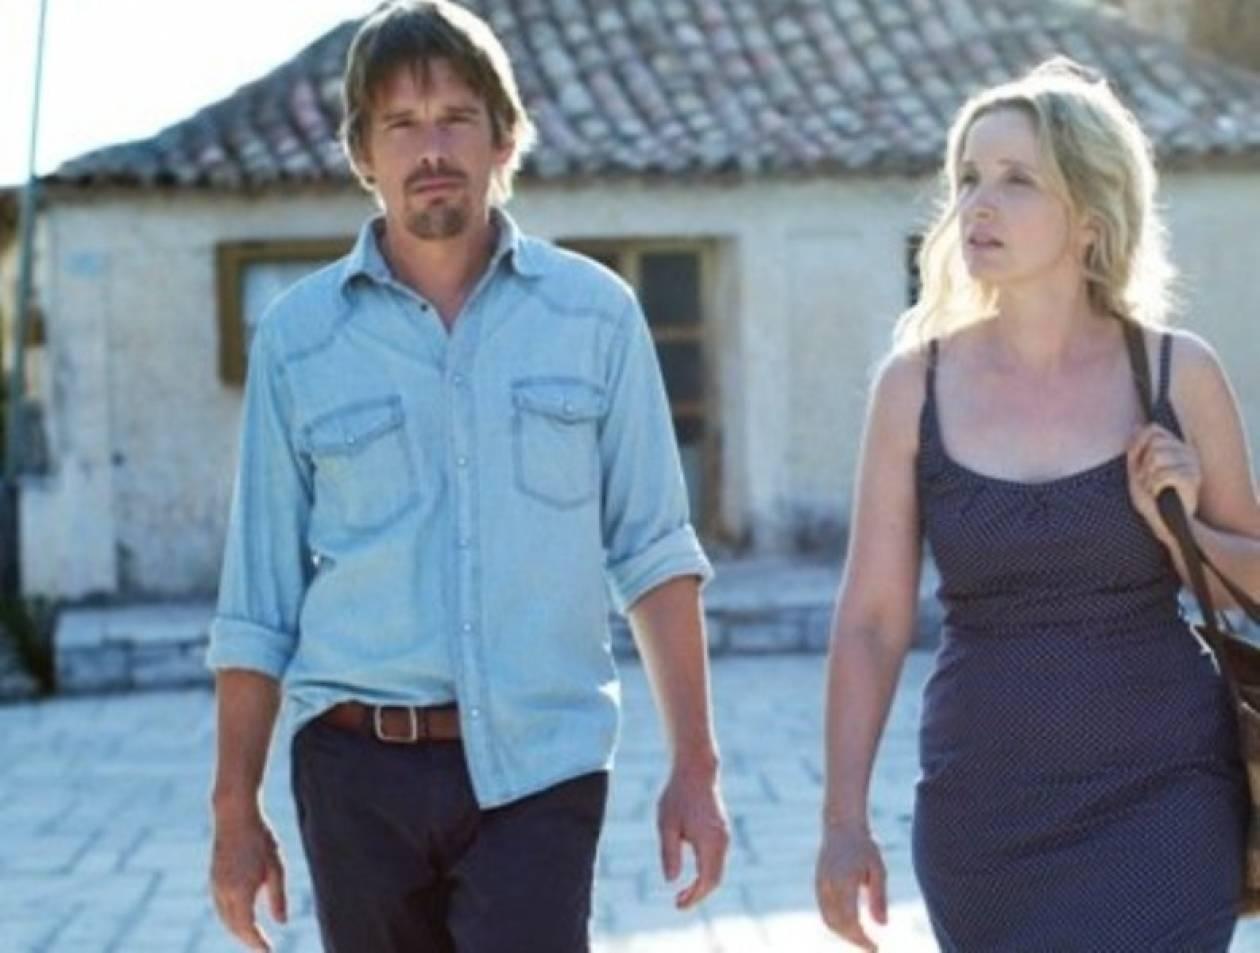 Πρεμιέρα για την ταινία του Ethan Hawke που γυρίστηκε στην Ελλάδα